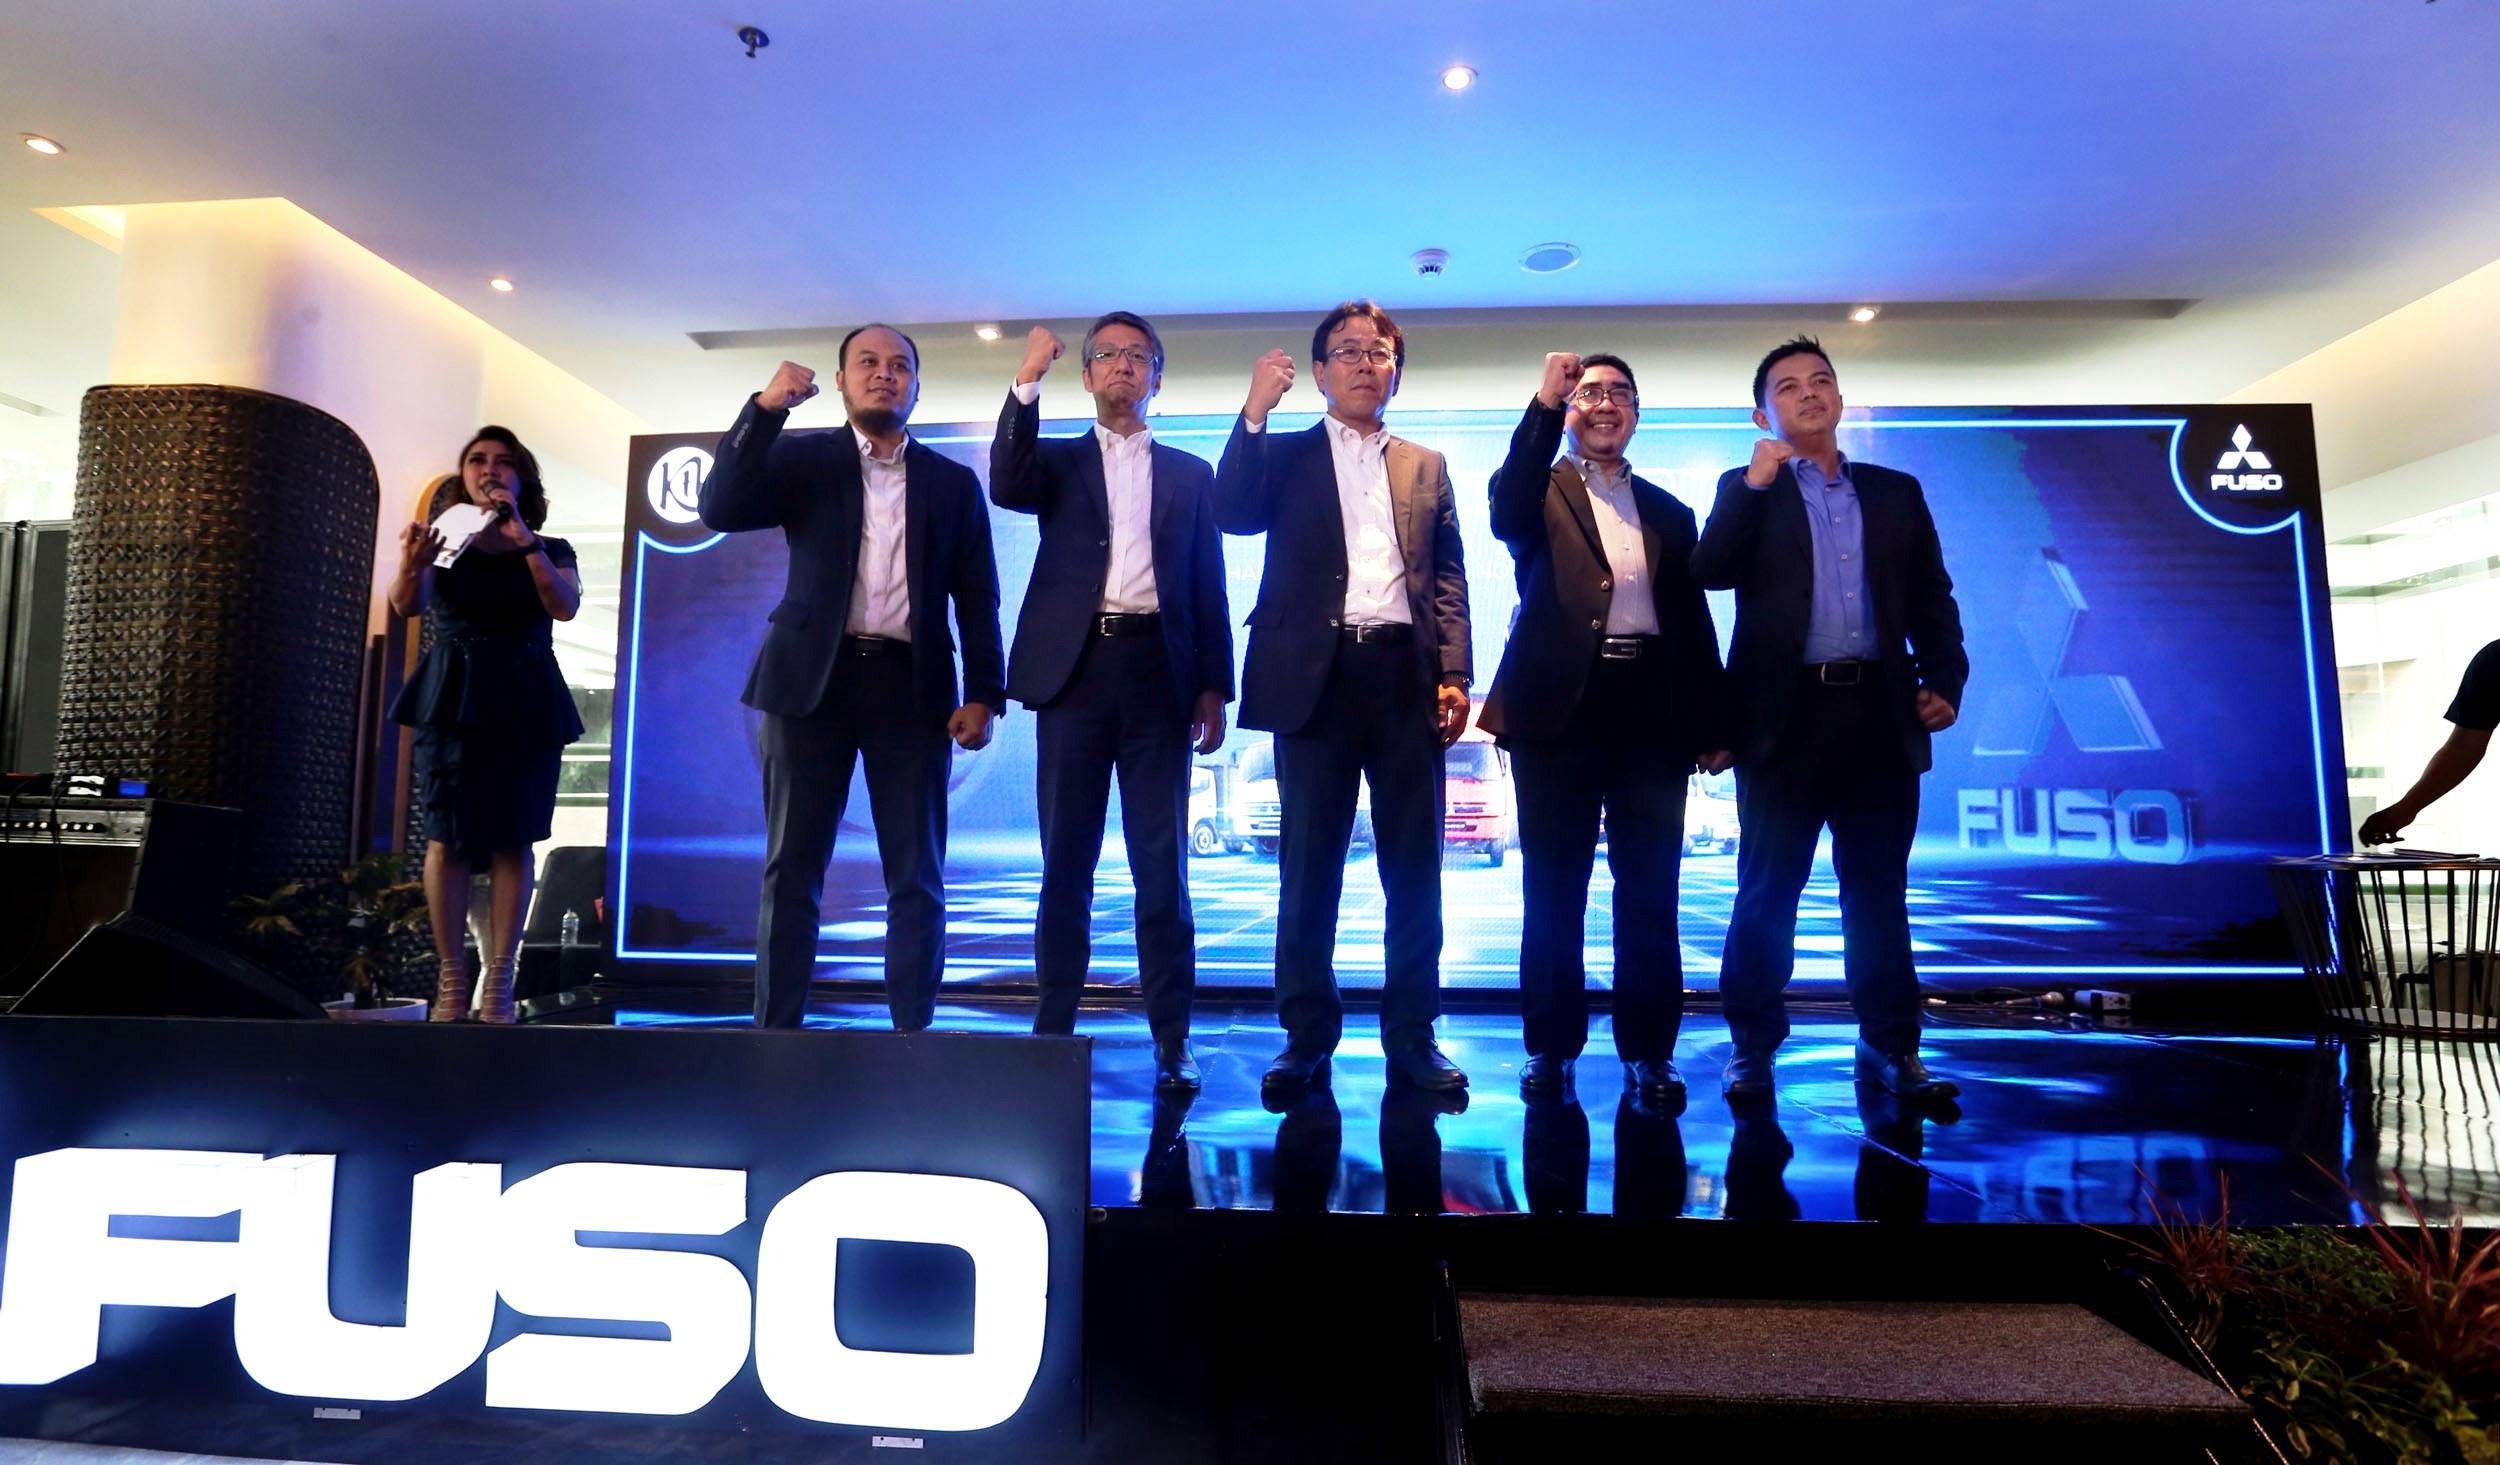 Fuso Pasang Target Tinggi Penjualan Truk di 2020